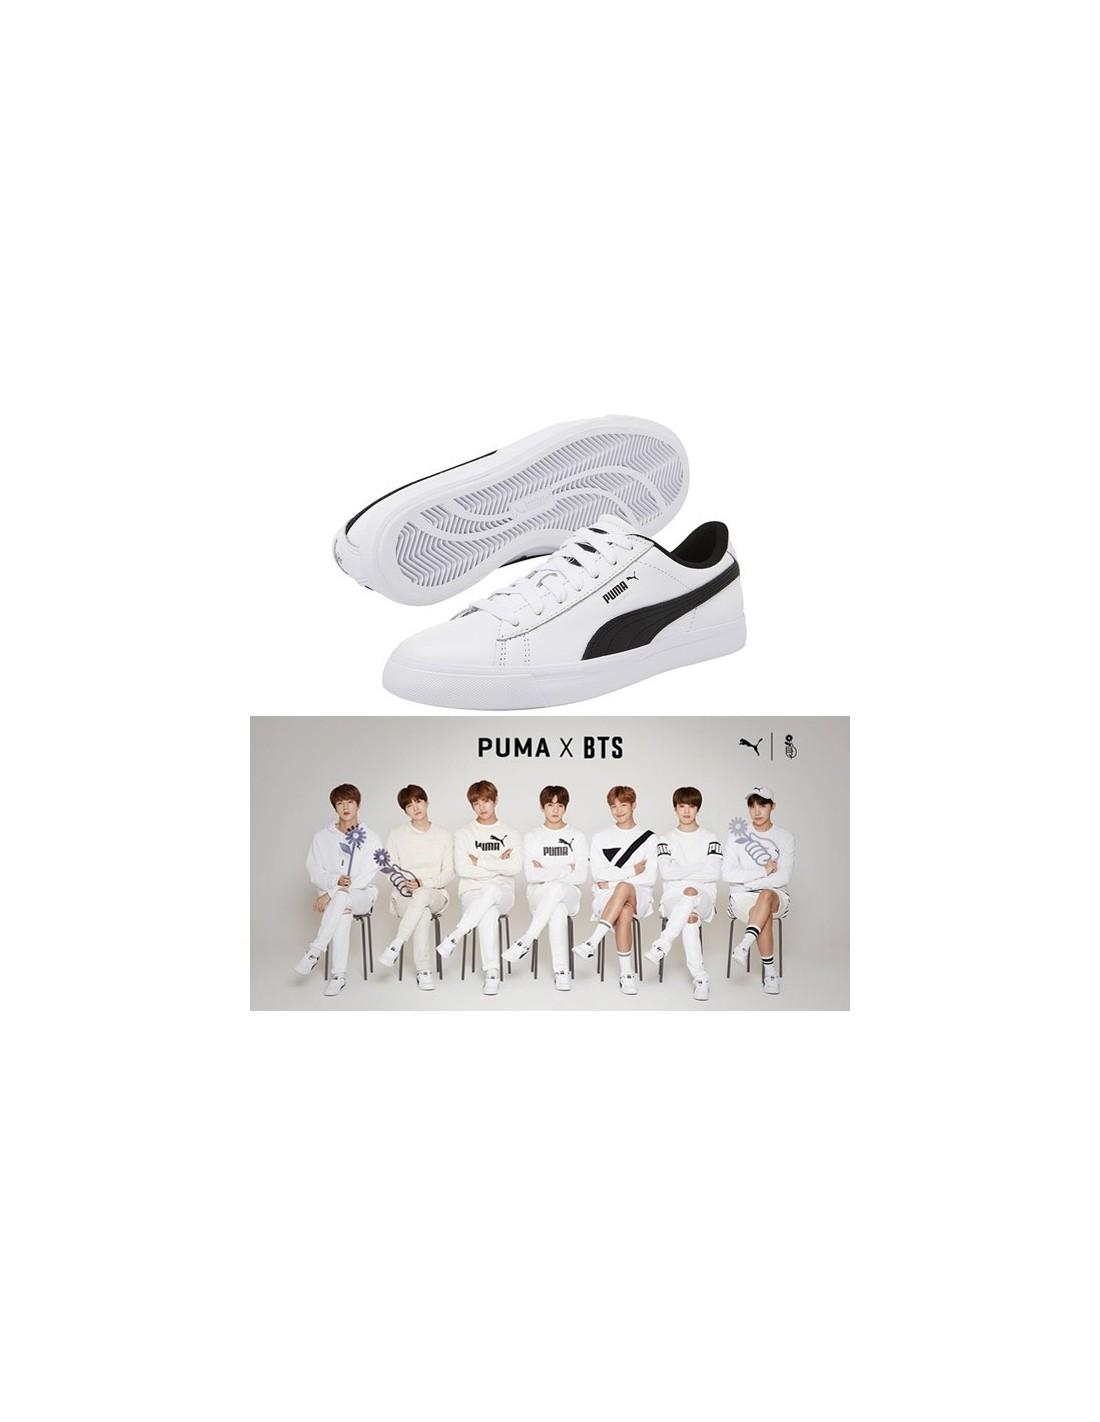 BTS x PUMA Court Star Shoes f0606f434